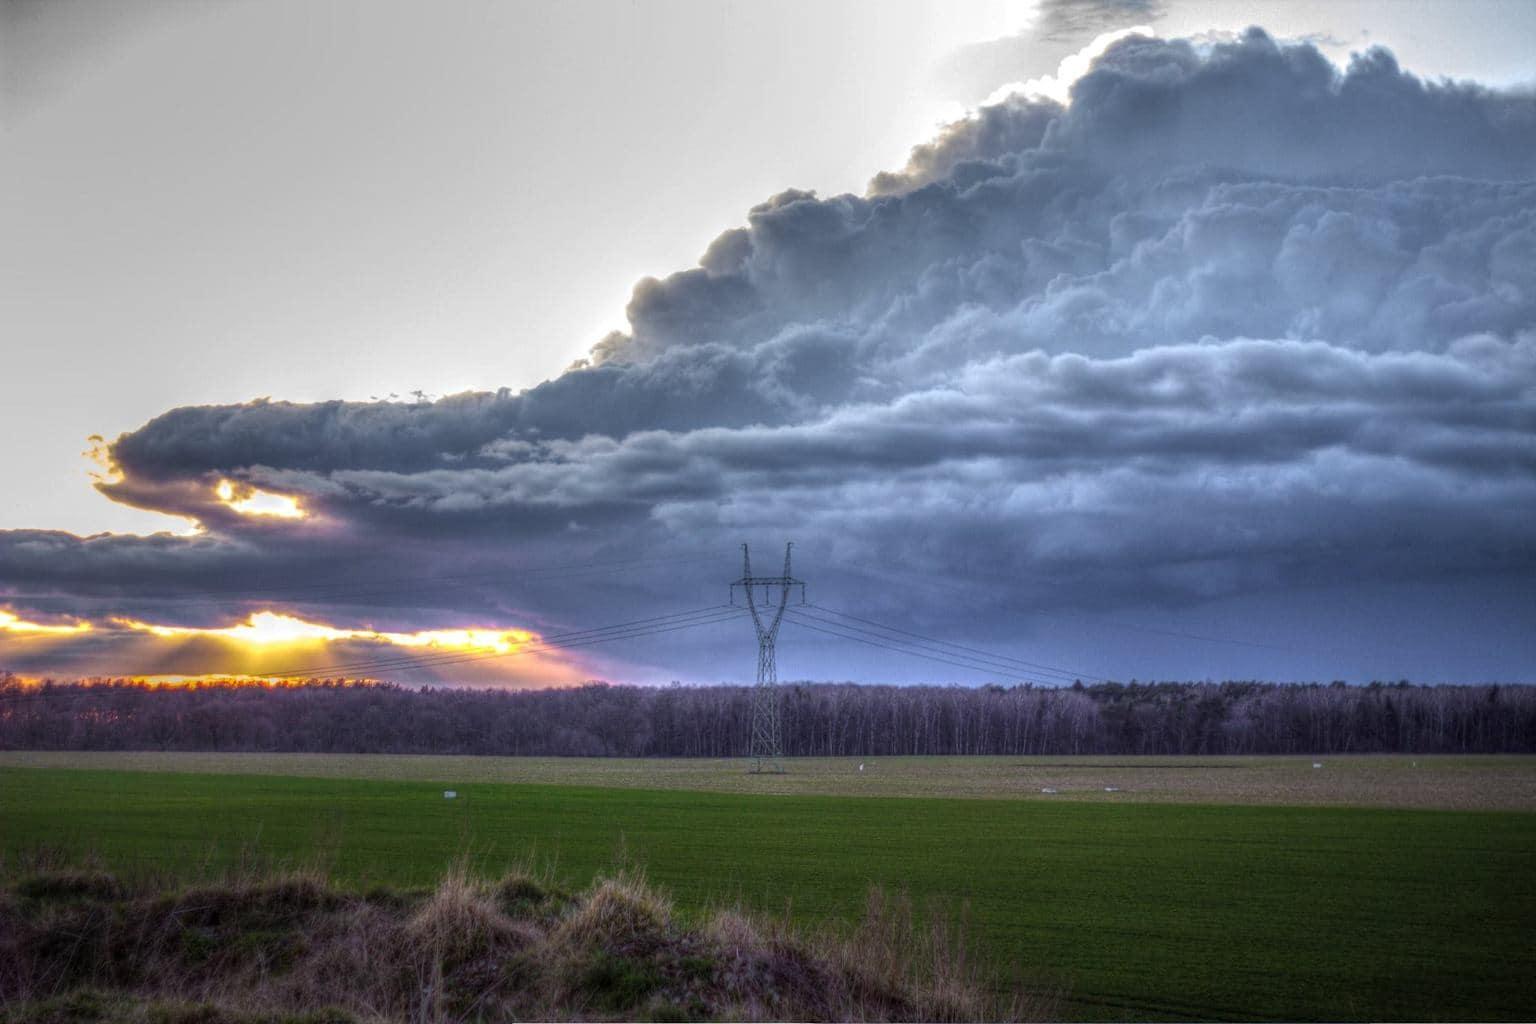 Poland convection today